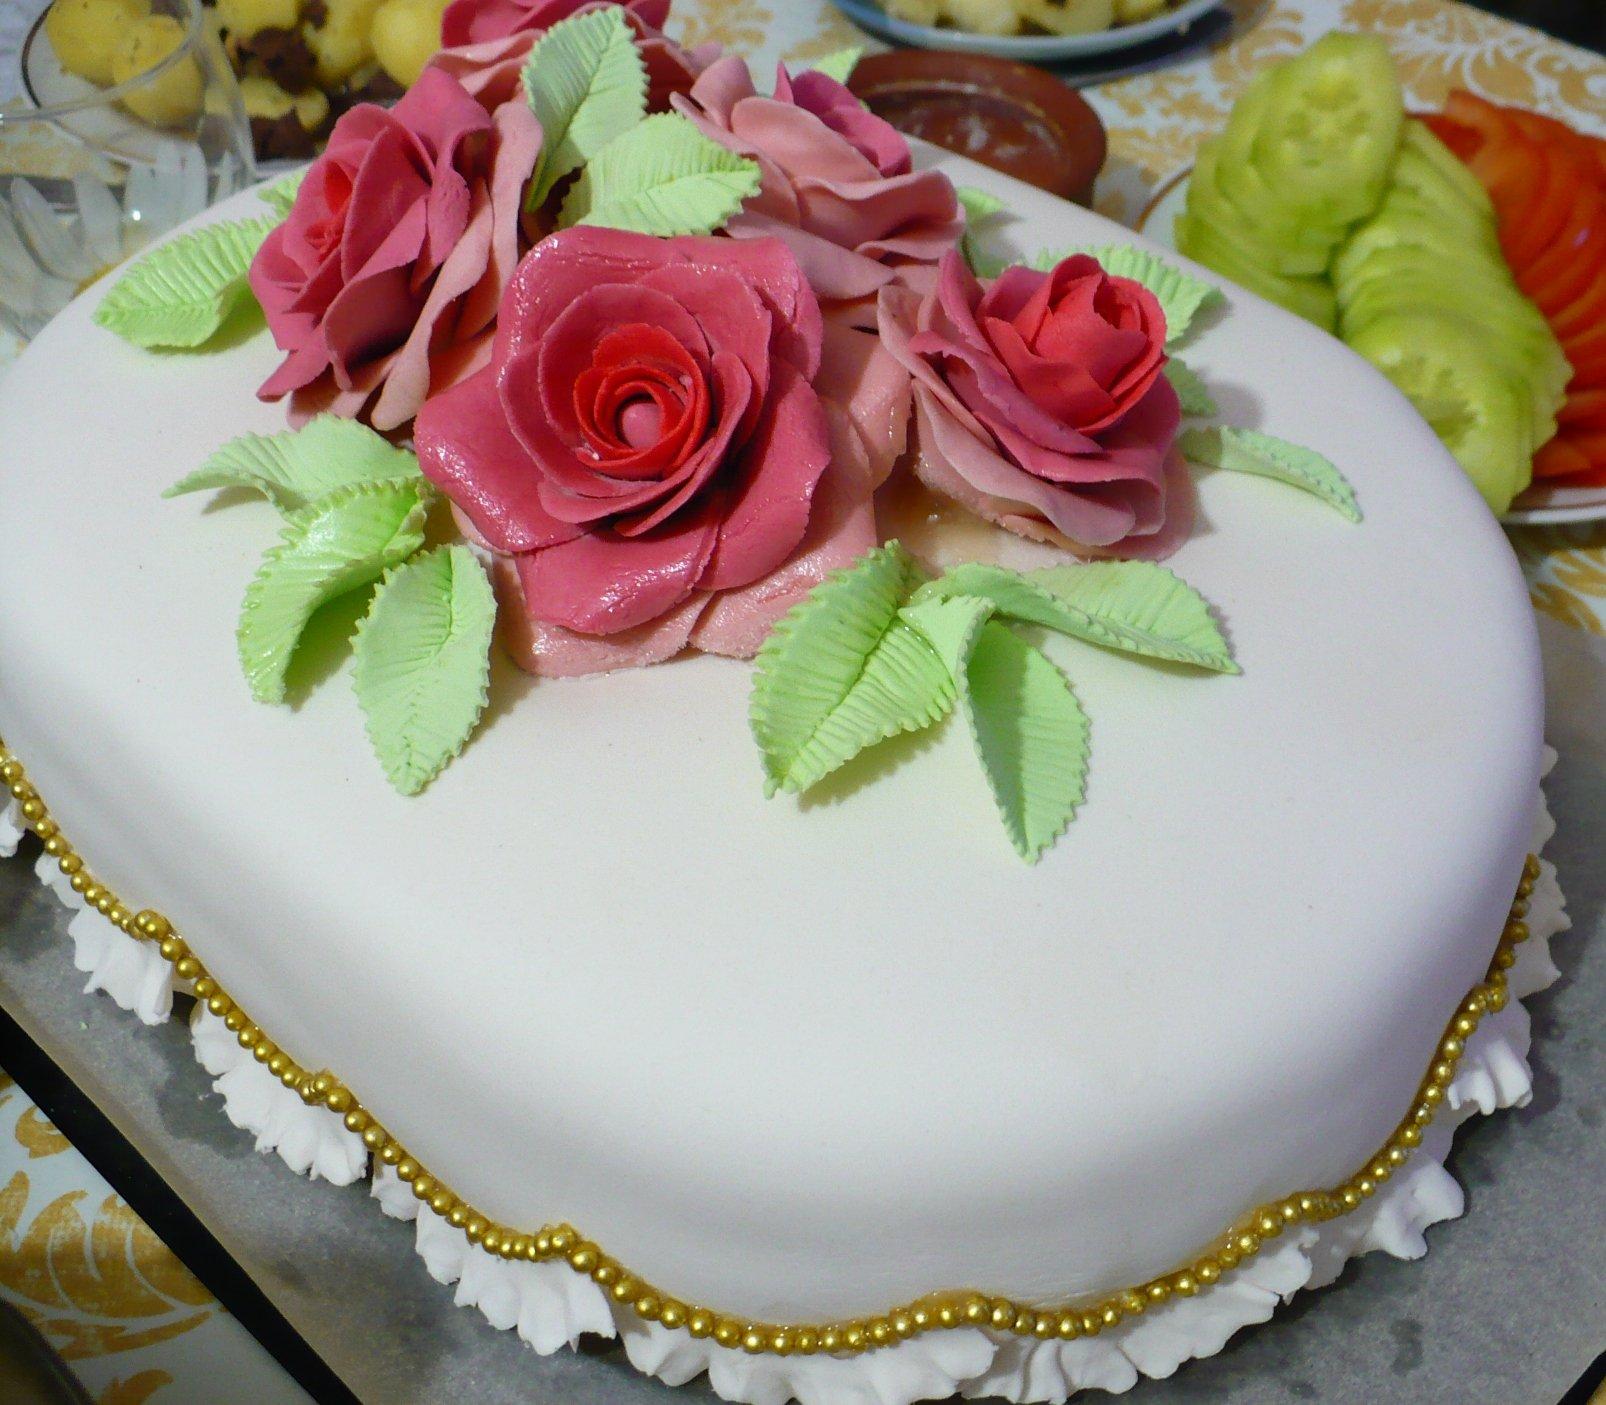 борисовна торт к дню рождения фото приведенному